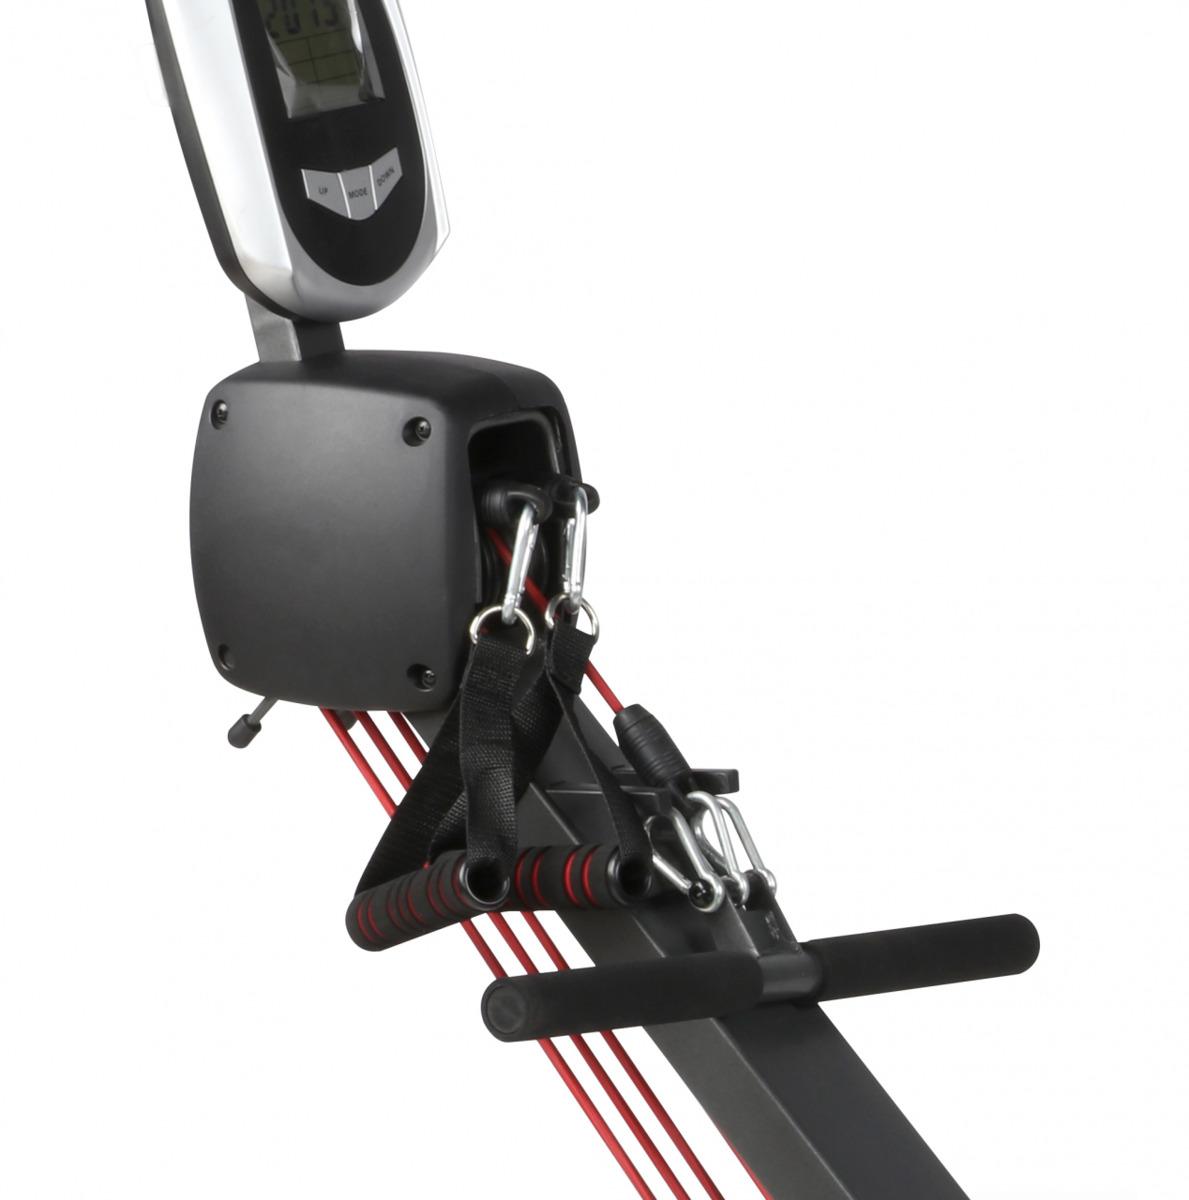 Bild 3 von Body Coach Multifunktions-Rudergerät